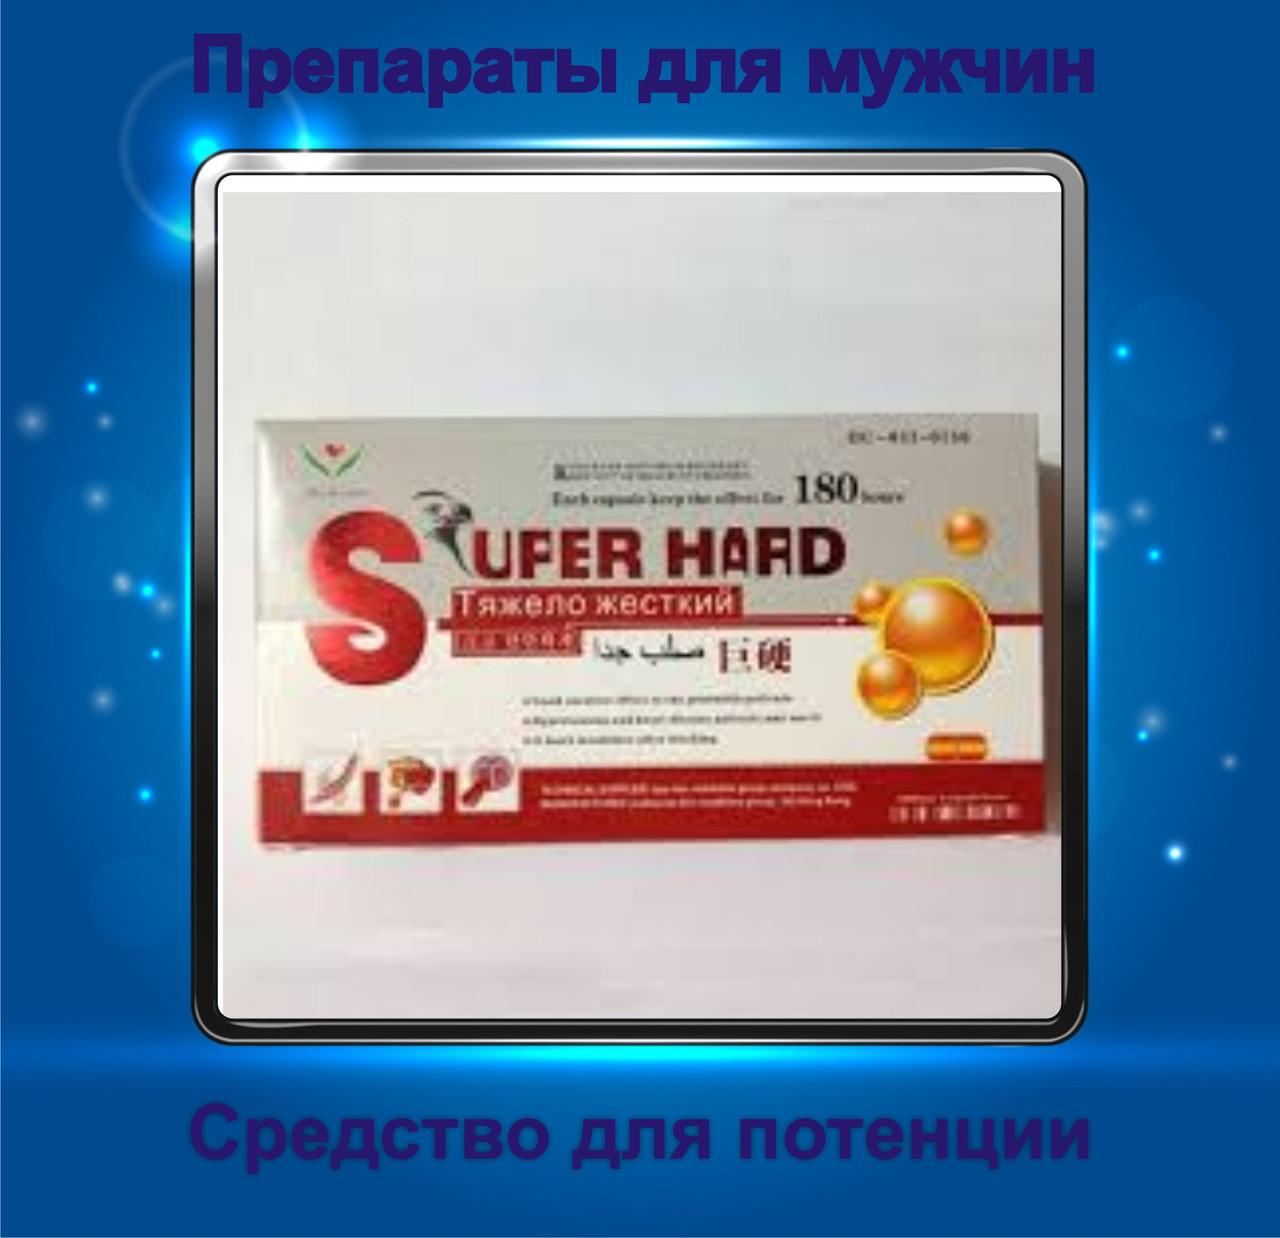 """""""Super hard"""" жесткий, сильнейший препарат для повышения потенции (6 табл). - """"Будьте здоровы!"""" в Запорожье"""